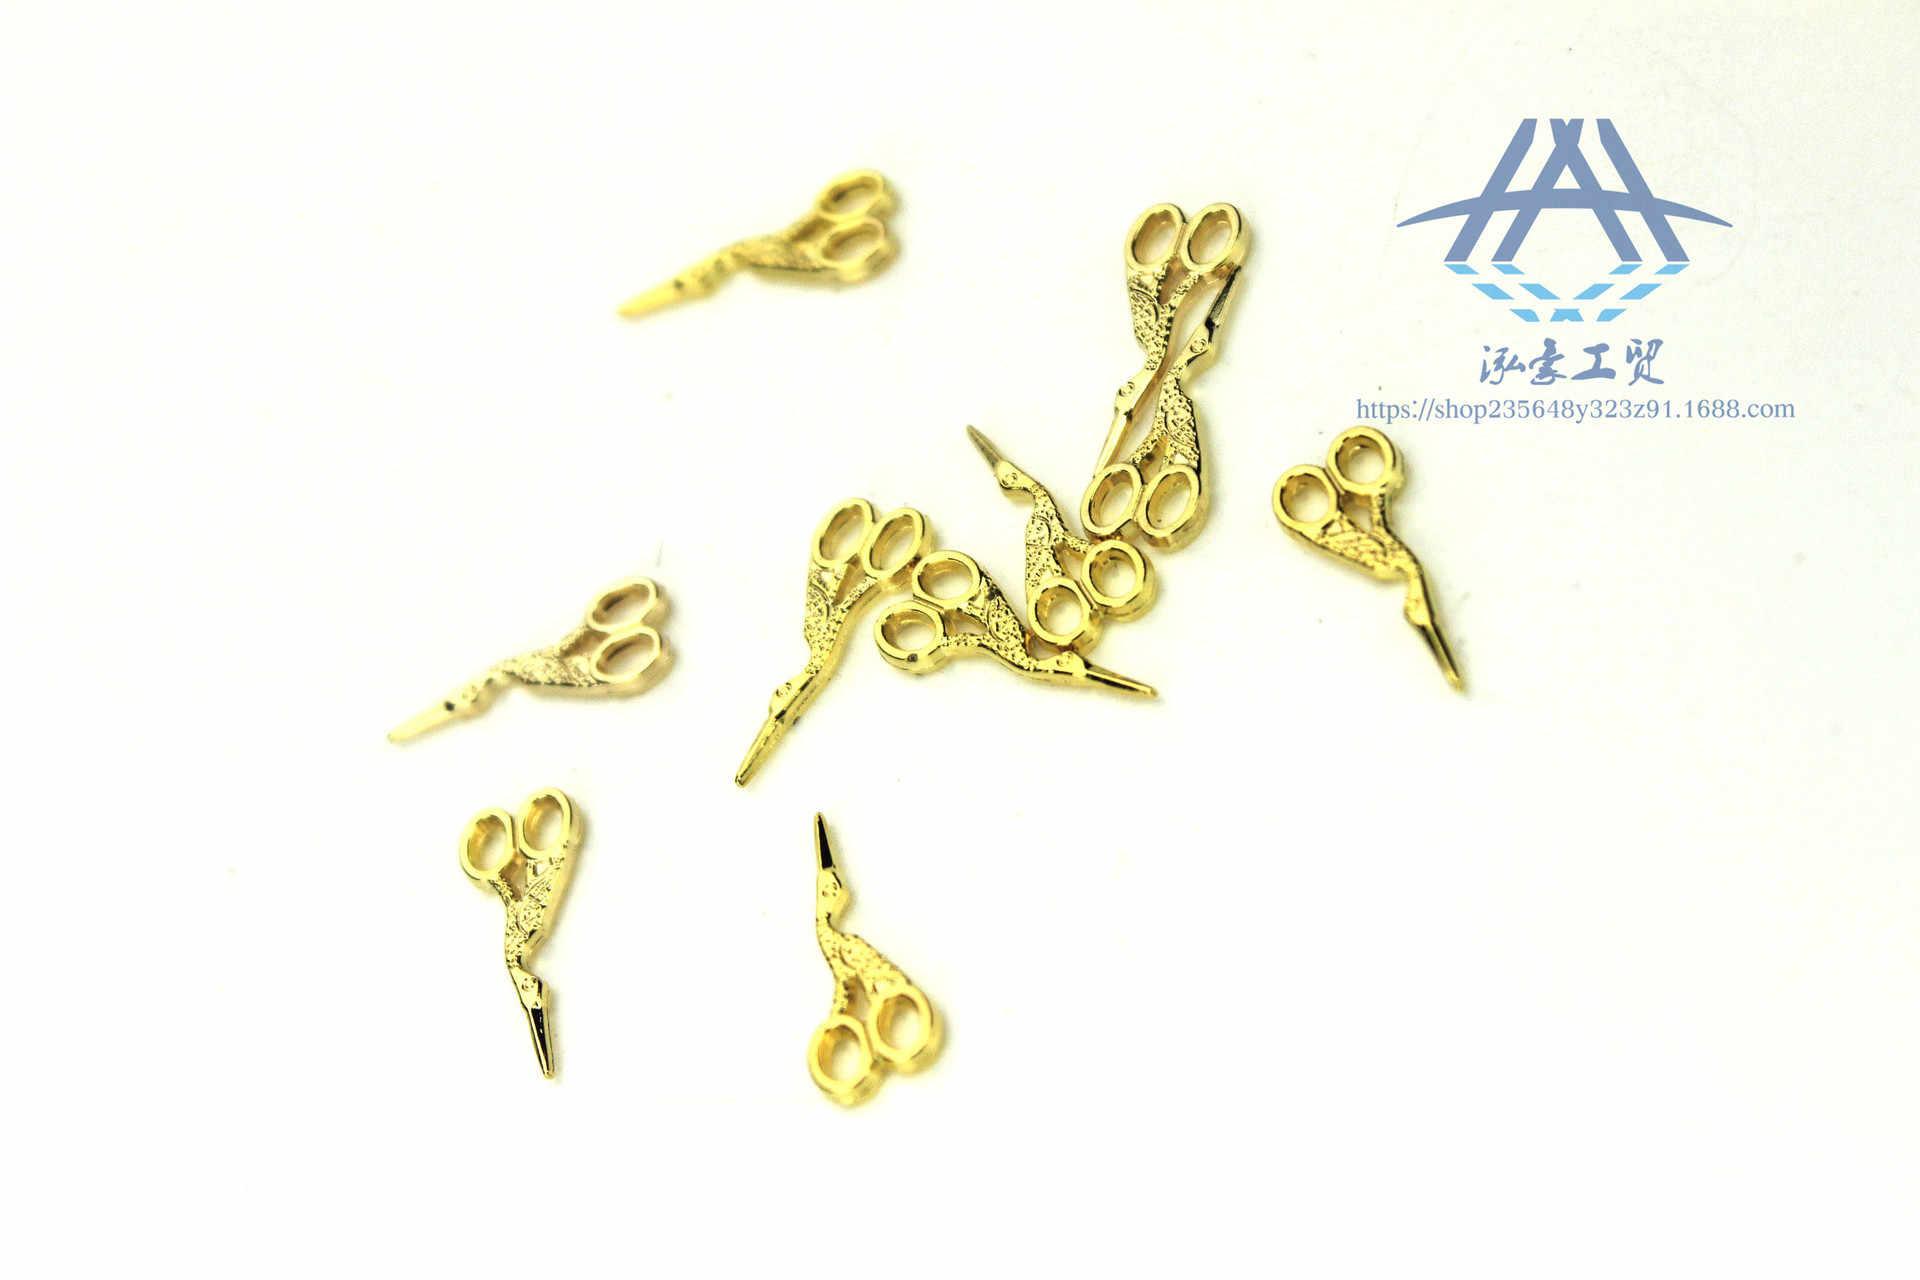 Wang Howe ของขวัญการปรับแต่ง 52 Miniature ของเล่นฉาก Dollhouse อุปกรณ์เสริม MINI Jin Se Niao กรรไกร H119